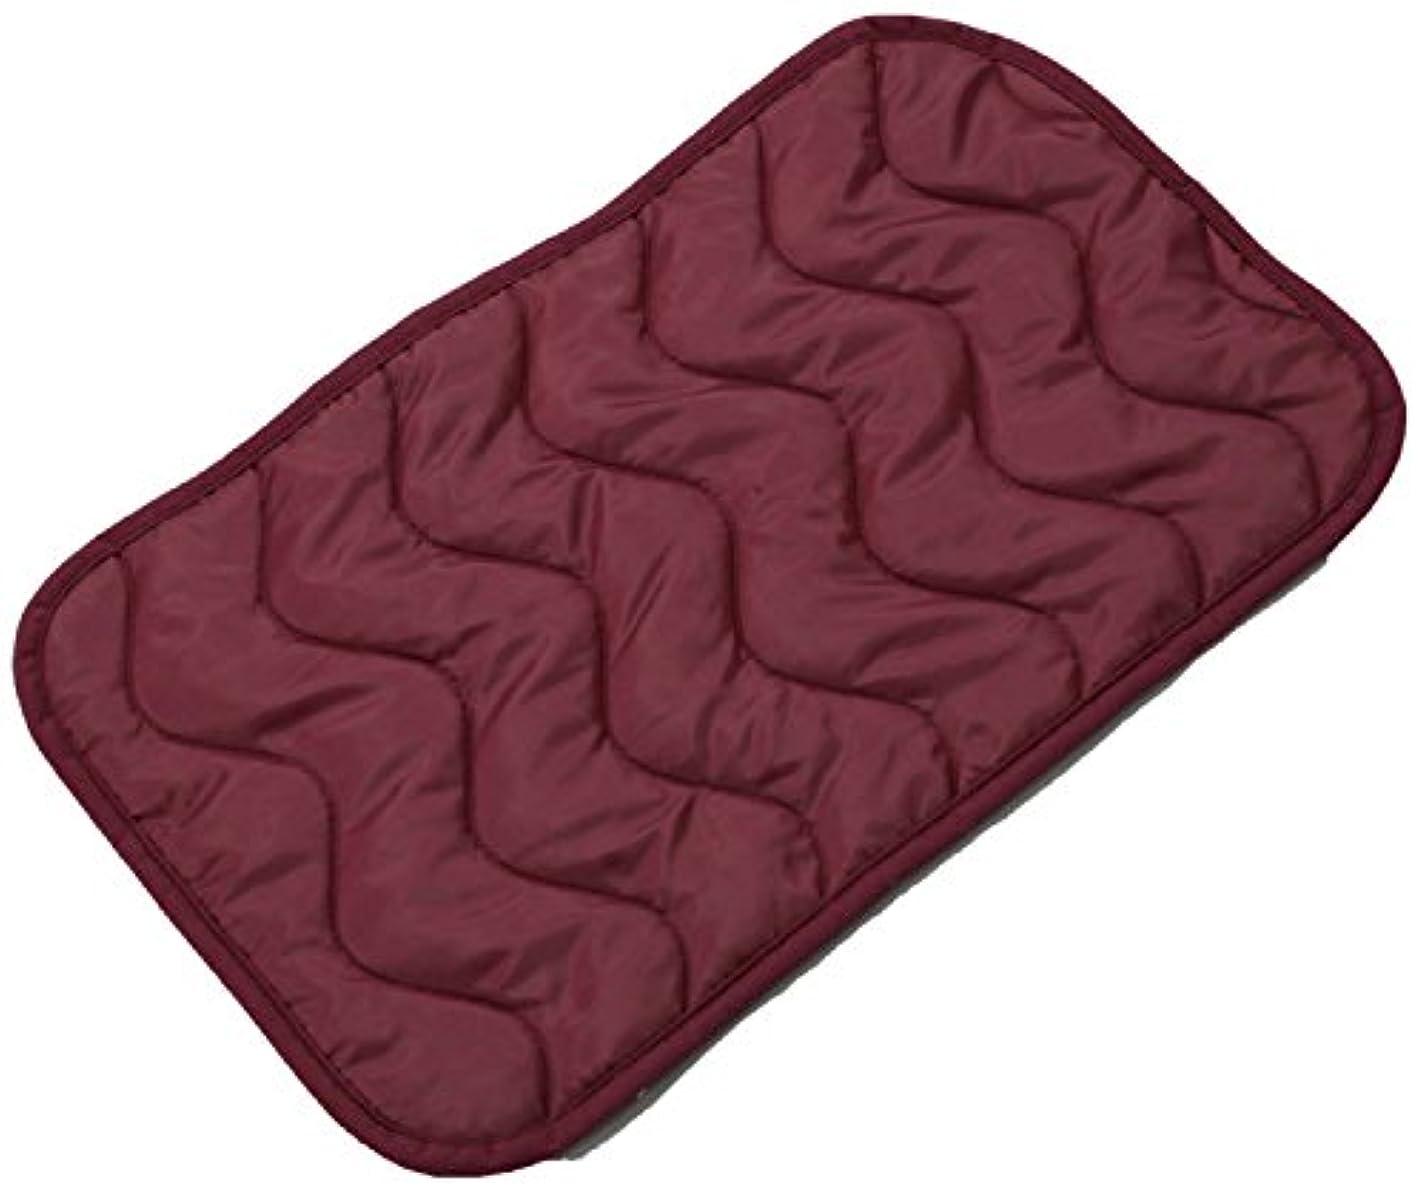 仲良しクリーナー果てしないオーラ 蓄熱繊維 足湯気分 コンパクトな部分浴サイズ